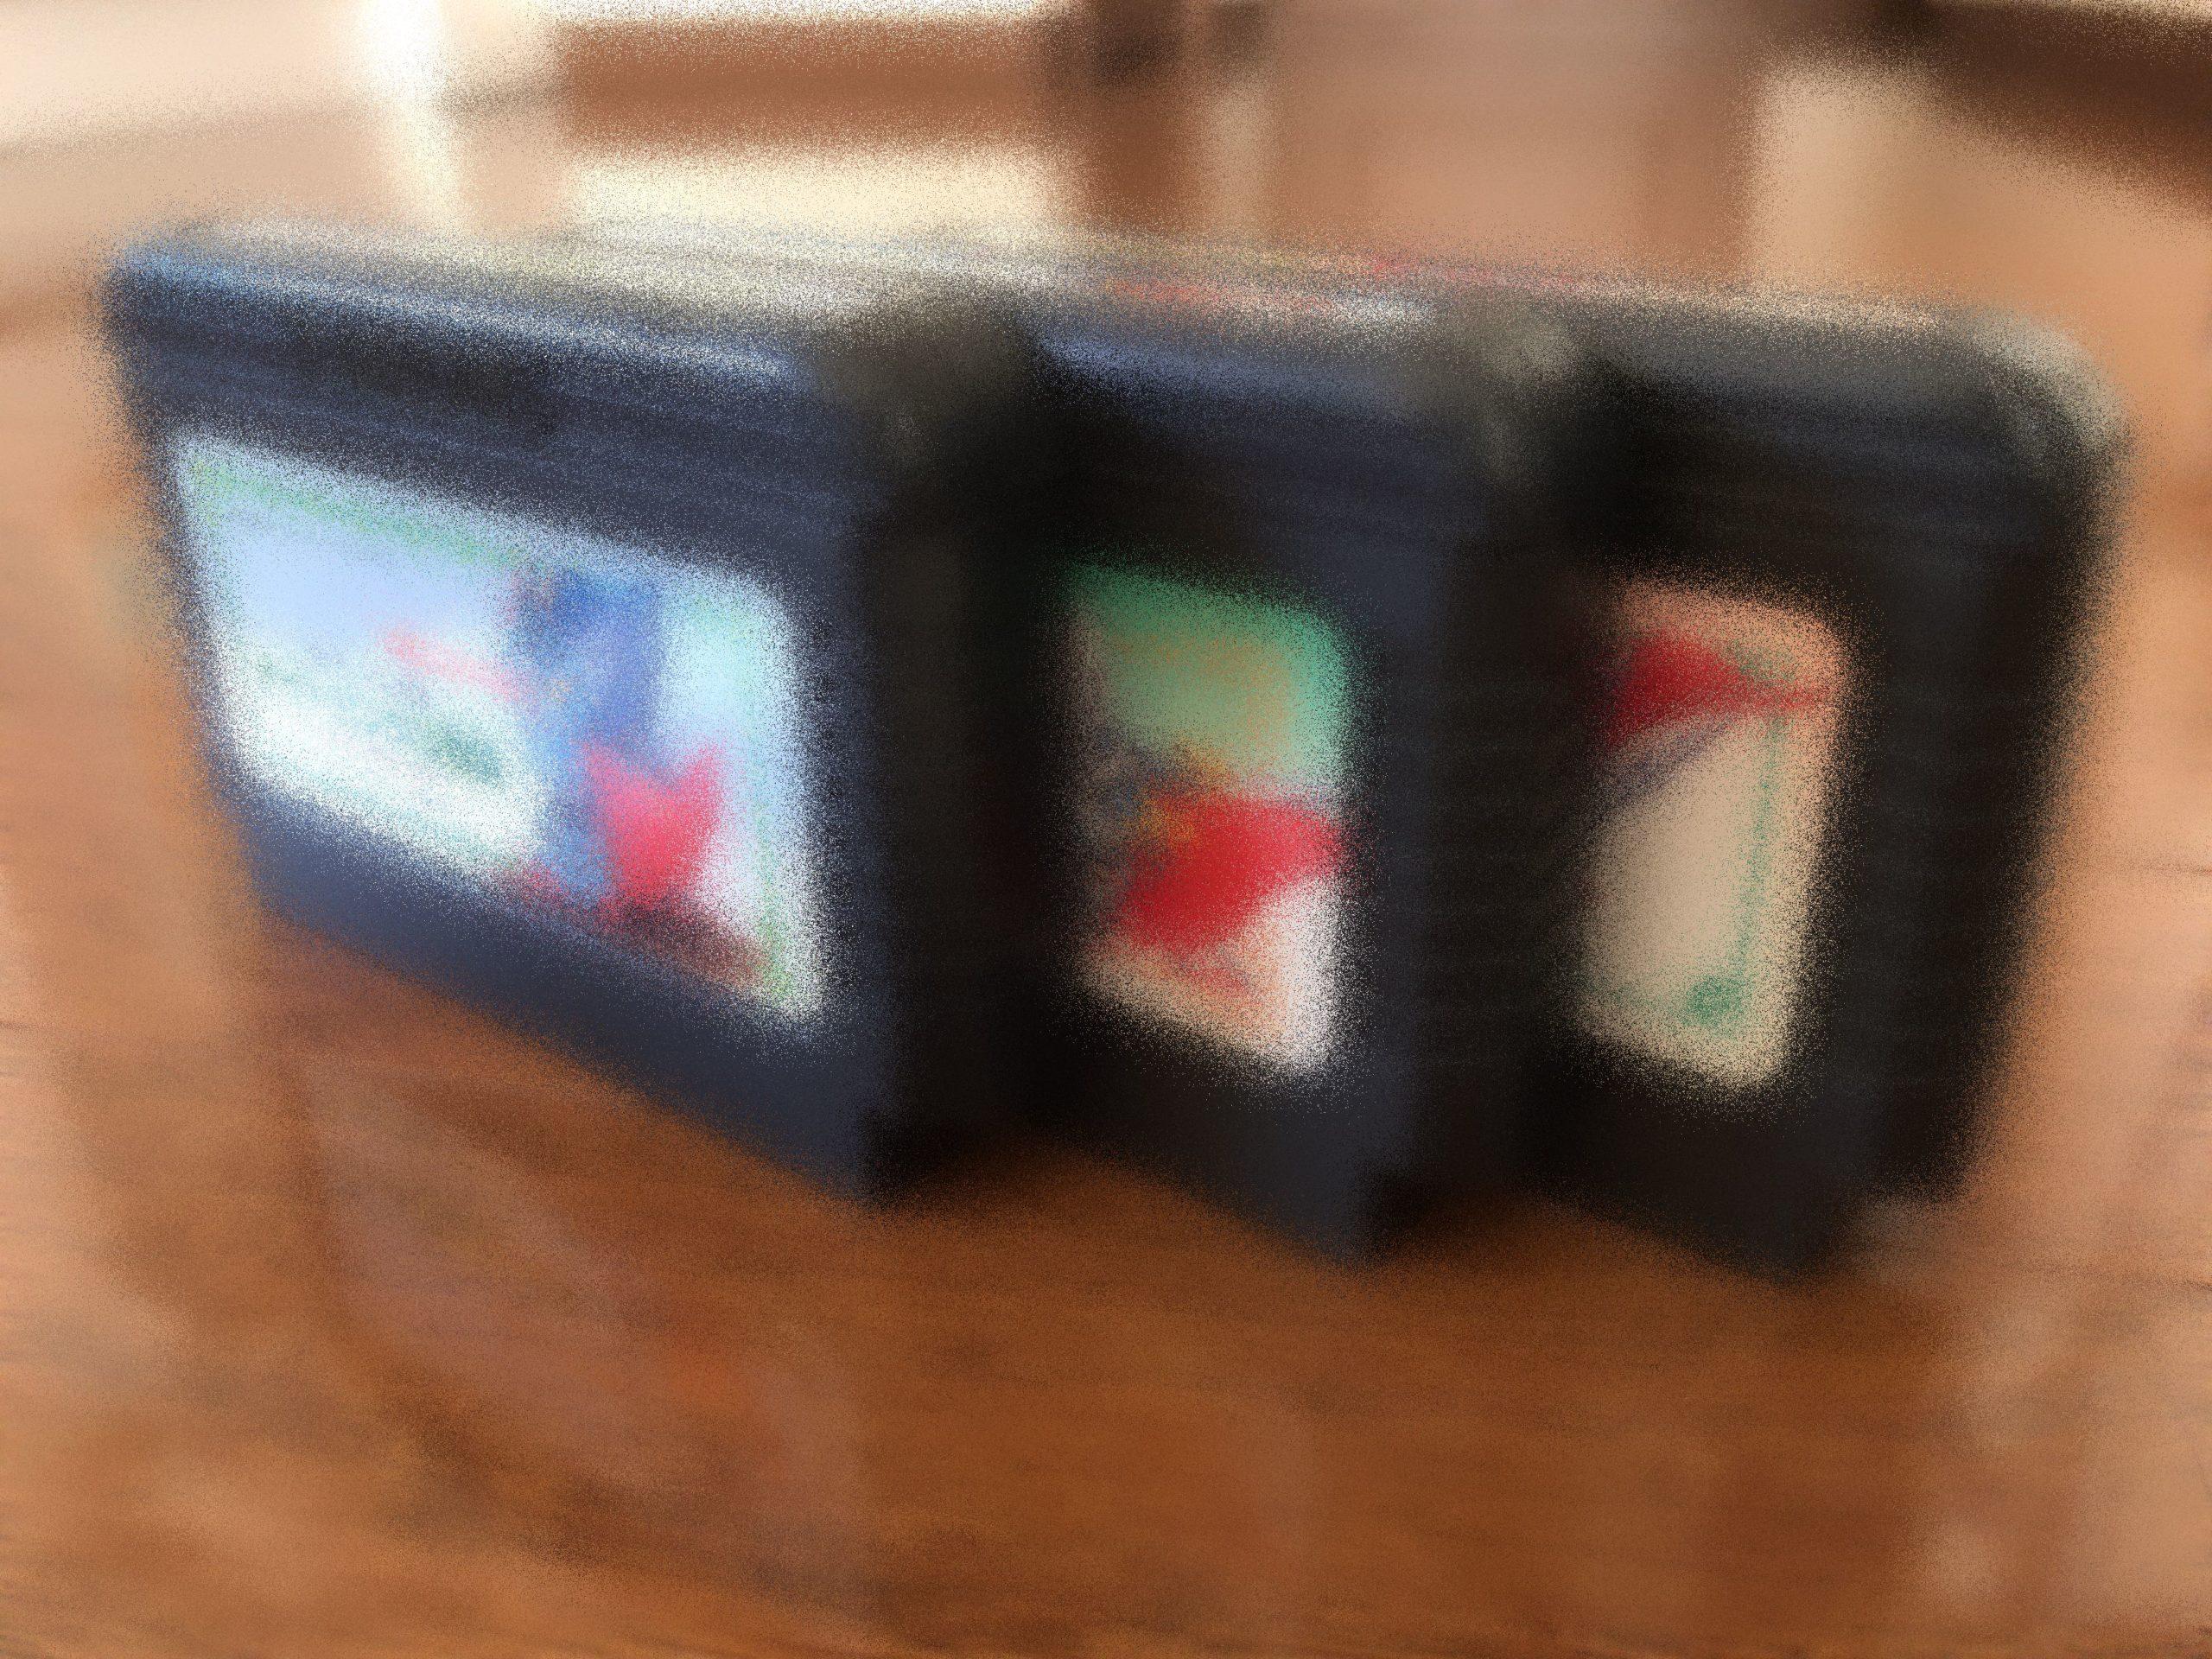 ファミコンカセット本日の成果は3本手に入れましたが1本のみダブりました